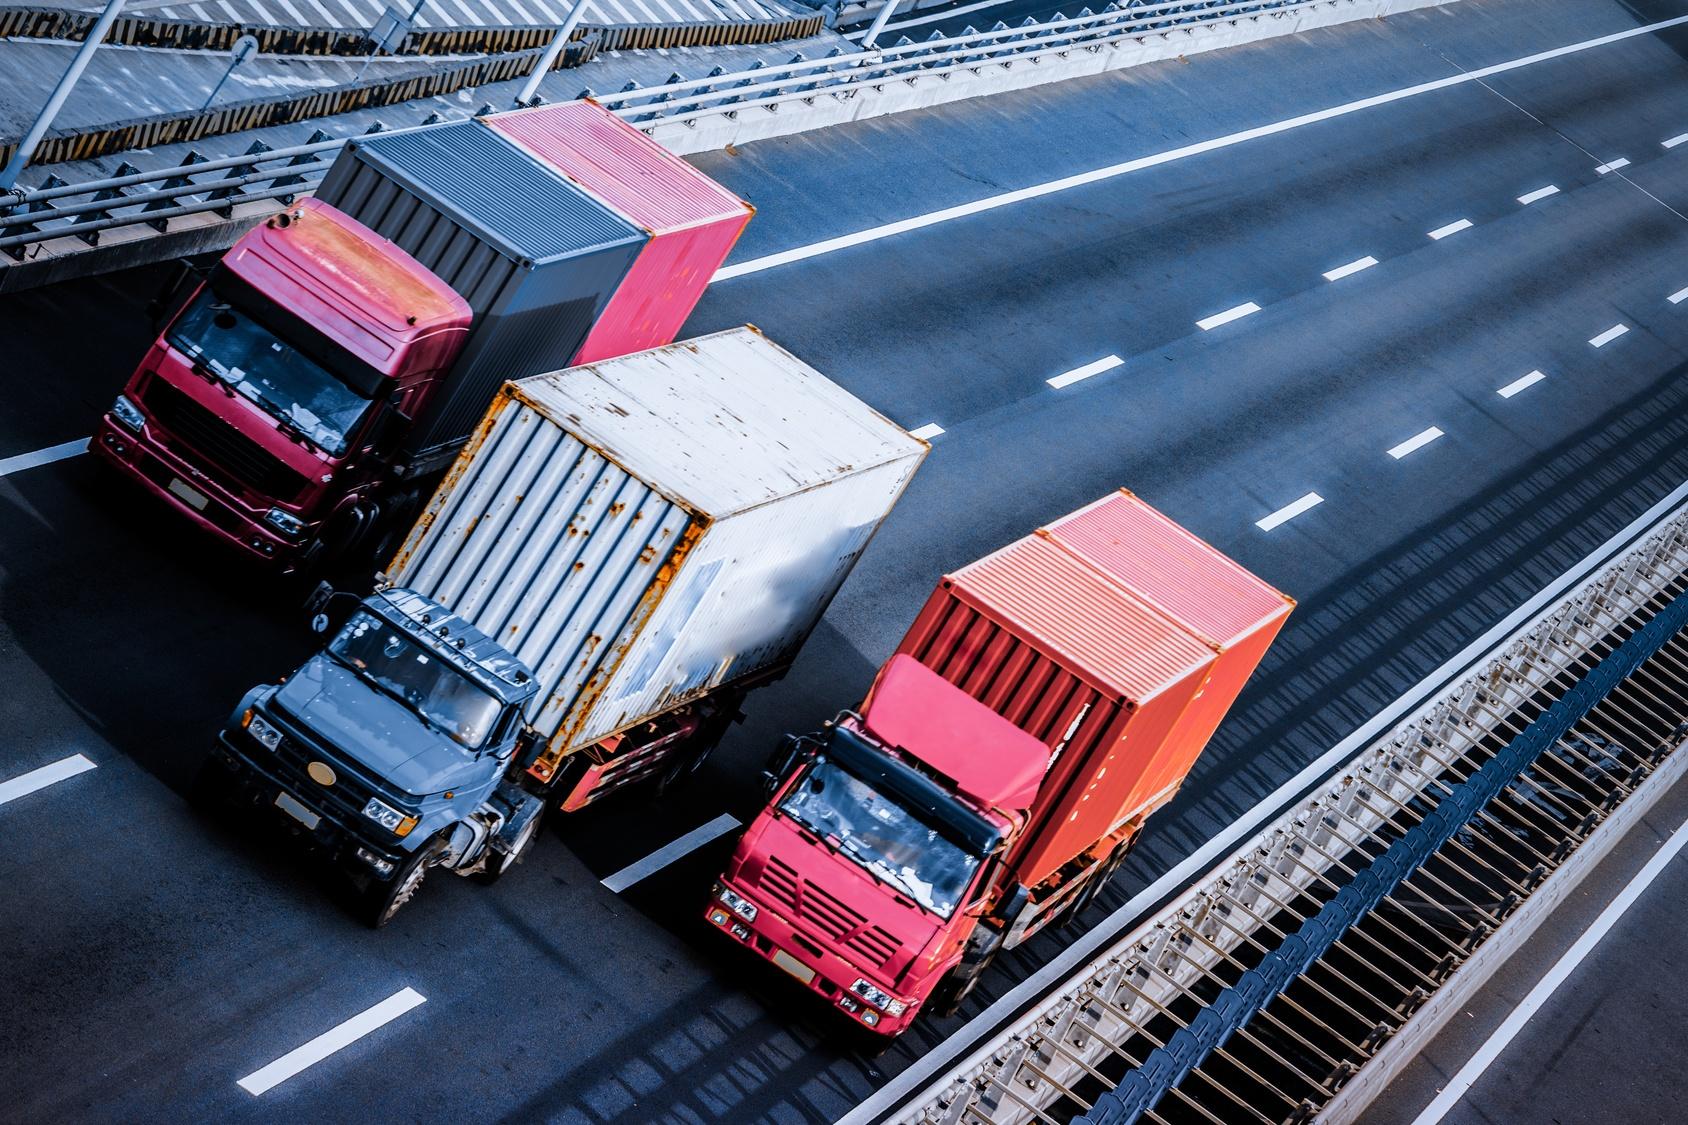 three semi trucks on the road